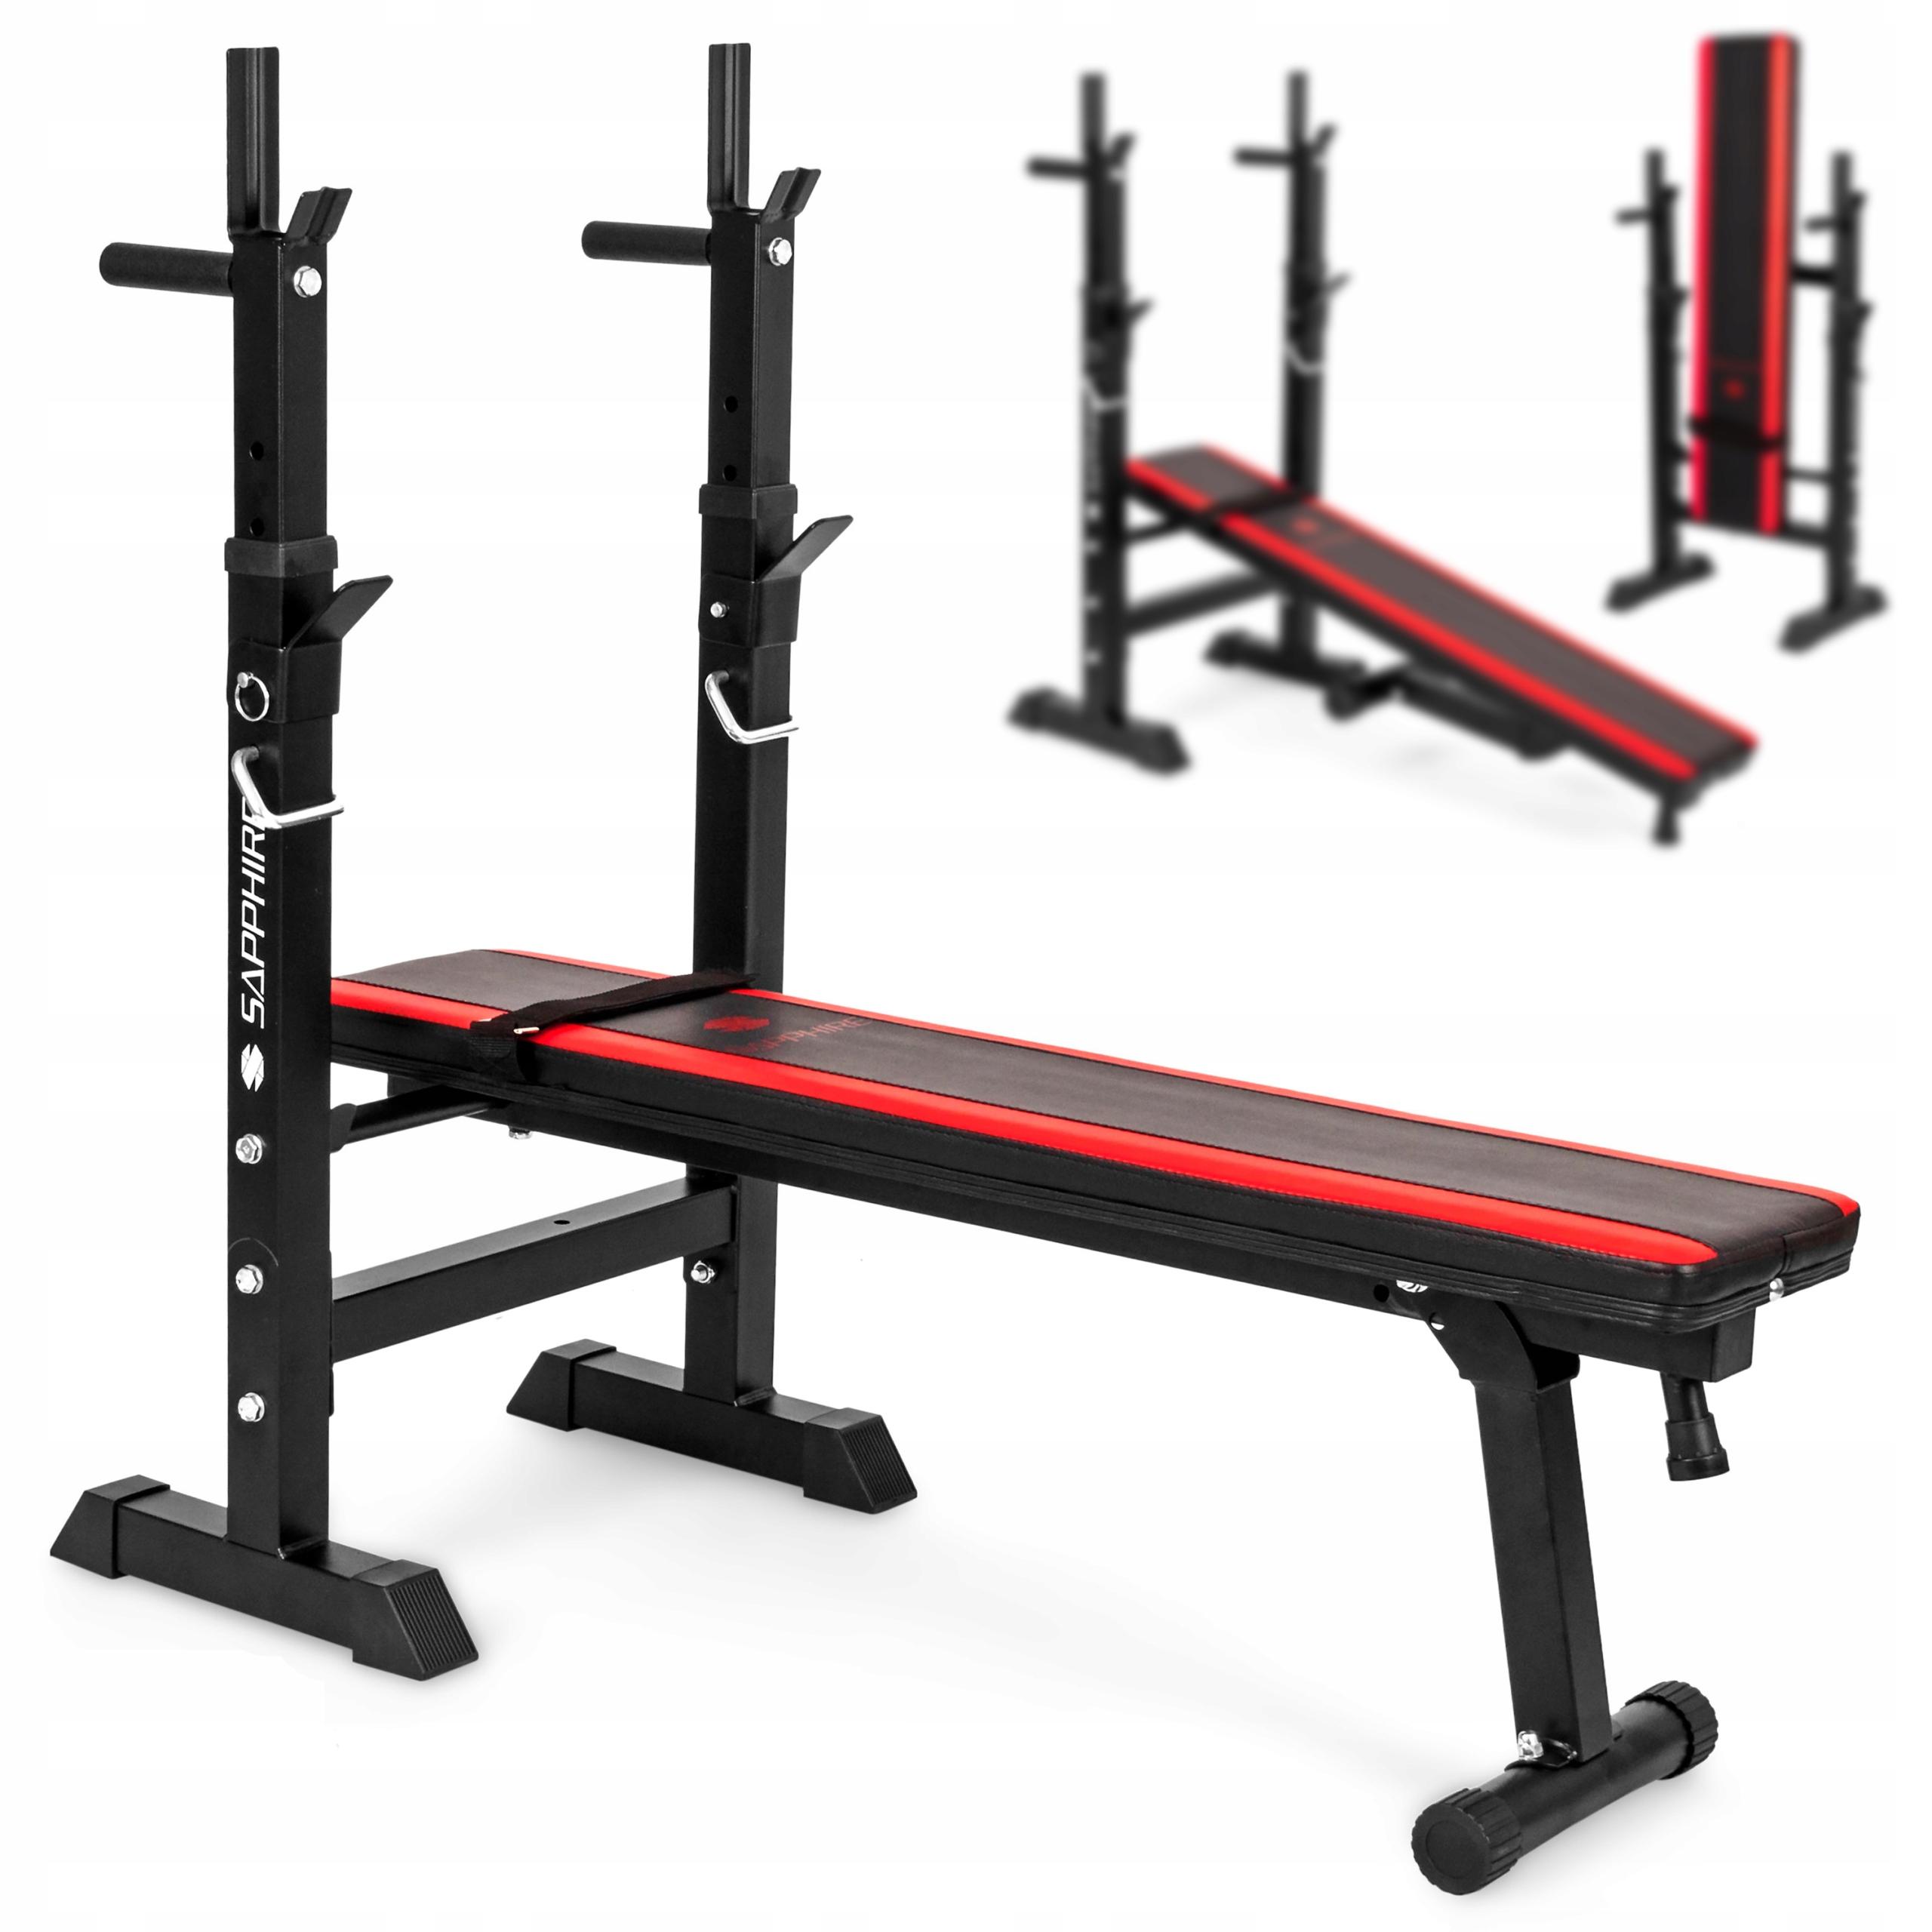 XYLO siłownia 46 kg zestaw ŁAWKA+GRYF+OBCIĄŻENIA Kod producenta 46_xg25